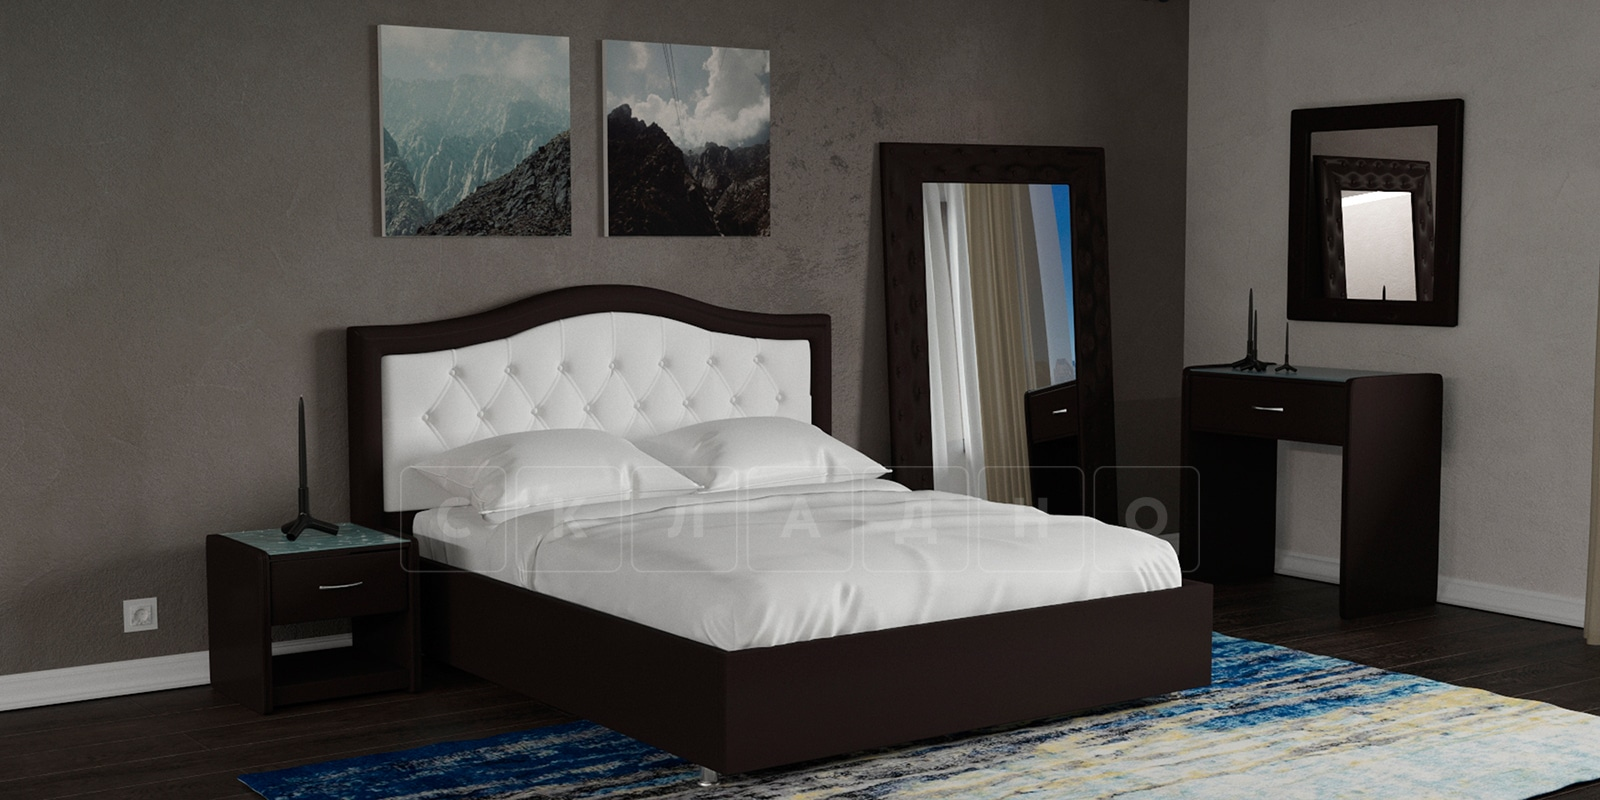 Мягкая кровать Малибу 160см экокожа белый-шоколад вариант 9-2 фото 7 | интернет-магазин Складно